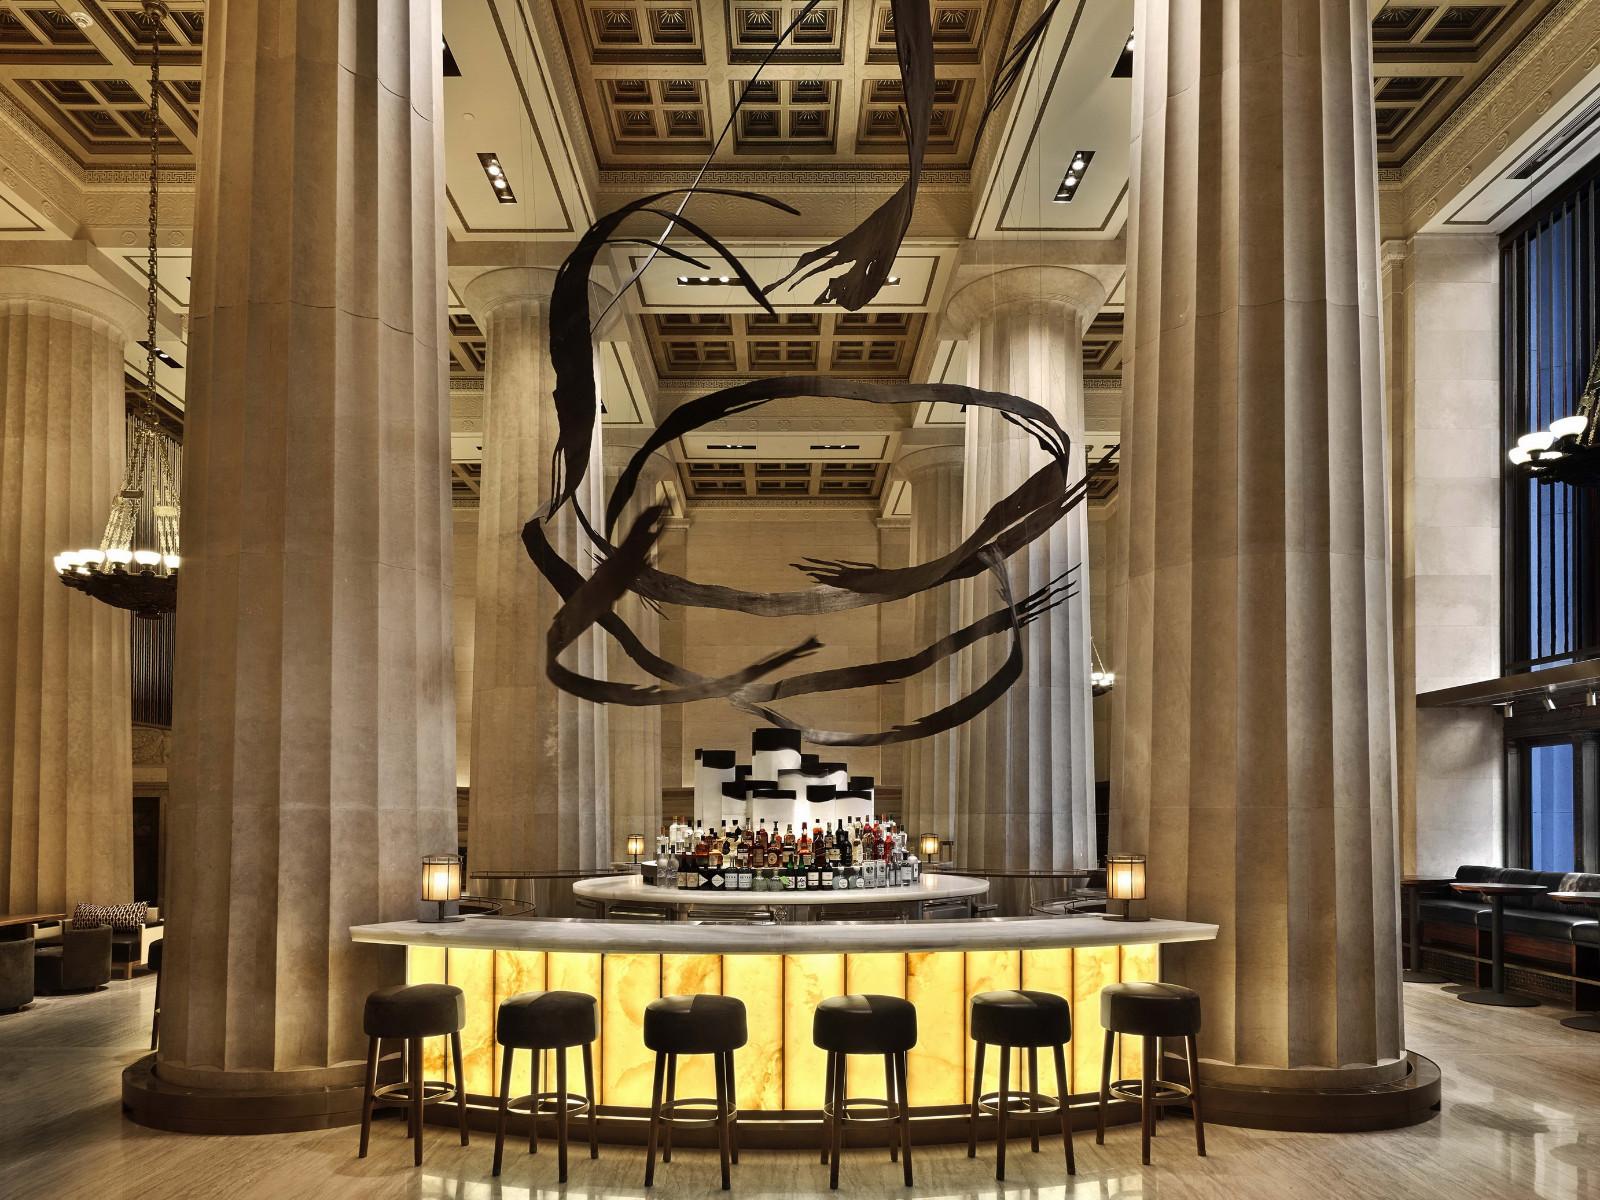 曼哈顿餐厅大堂设计